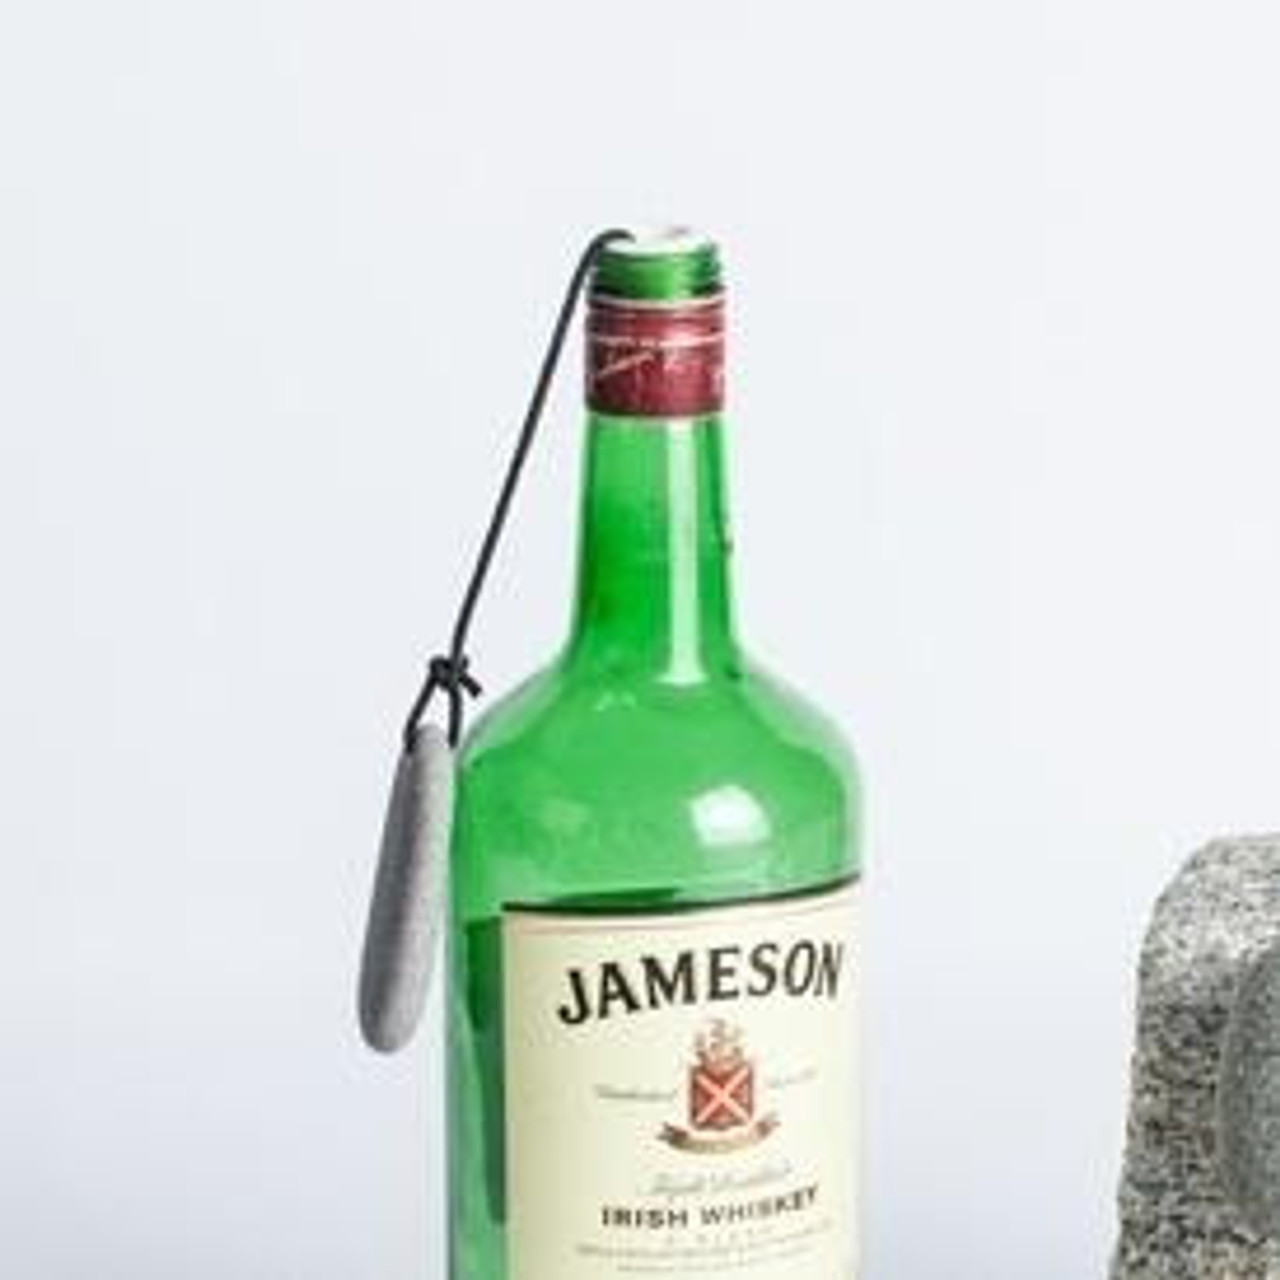 Dispenser Stopper in bottle